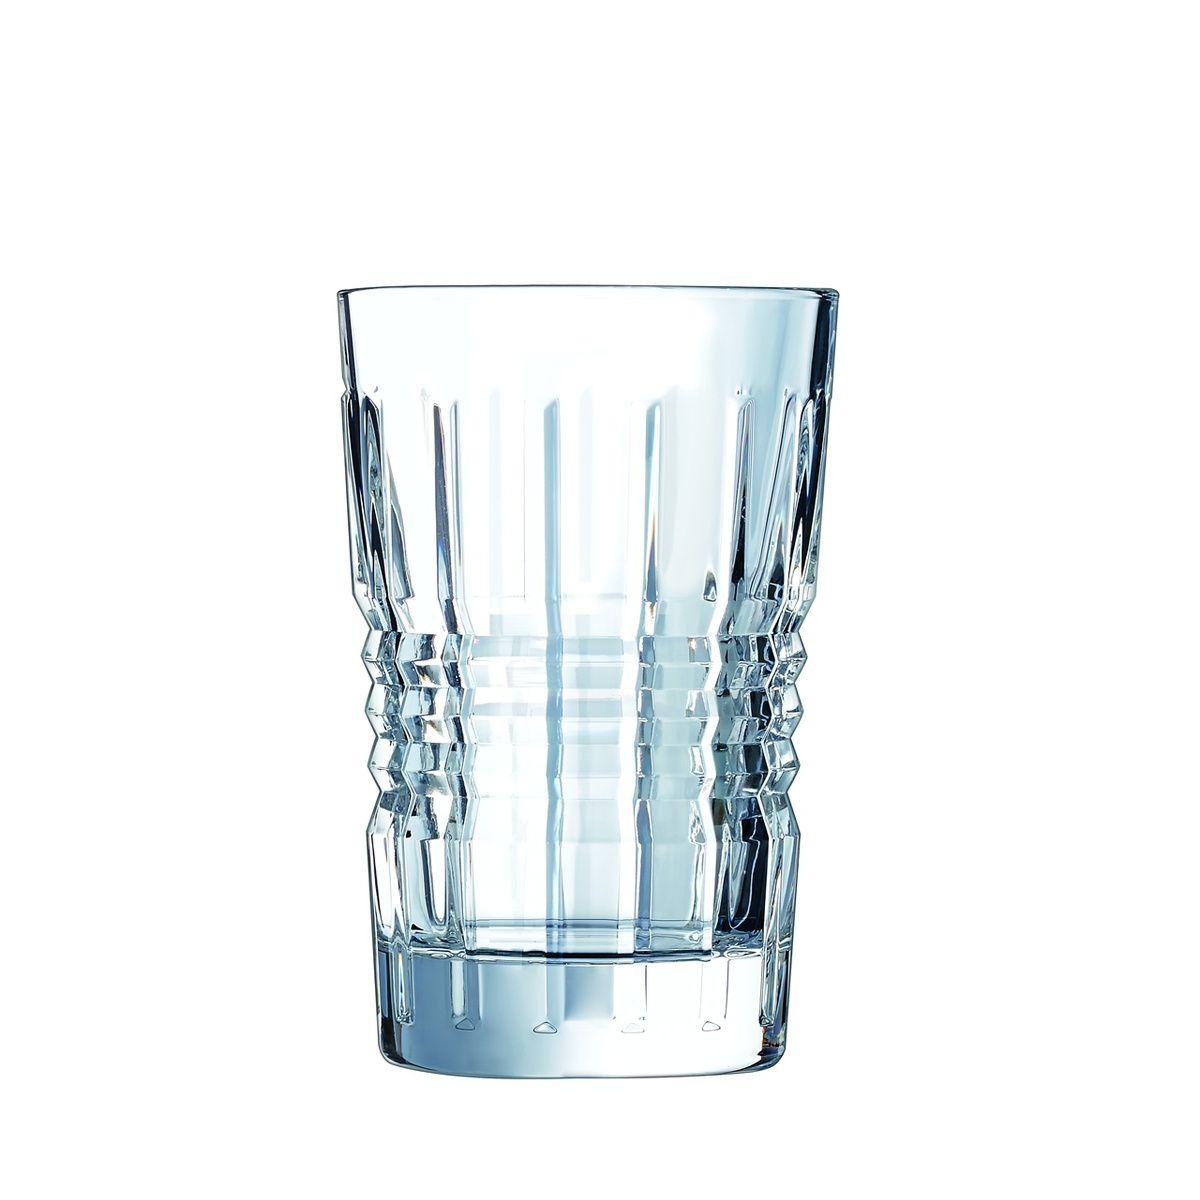 Набор стаканов высоких 6 шт 280 млНабор высоких стаканов RENDEZ-VOUS от Cristal DArques подойдет для сервировки любого стола: будь это торжество с размахом или тихий семейный праздник. Шесть стаканов объемом 280 мл идеальны для изящной подачи как холодных напитков, так и теплого глинтвейна. Смелый дизайн коллекции RENDEZ-VOUS пронизан духом 1930-х годов, стилем ар-деко: сочетание оригинальных геометрических форм с дорогими современными материалами создает неповторимый стиль посуды. Выполненные из сверхпрочного материала – хрустального стекла бокалы устойчивы к ударам и царапинам, их можно доверить посудомоечной машине, и они не потускнеют и не пожелтеют, сохраняя первозданный блеск и чистоту, спустя даже 500 циклов мойки. Уникальный состав хрустального стекла отличается экологичностью по сравнению с обычным хрусталем, в составе которого содержится значительная доля свинца. Позвольте себе роскошь и шик на вашем столе, украсив его набором высоких стаканов коллекции RENDEZ-VOUS французского бренда Cristal DArques.<br>